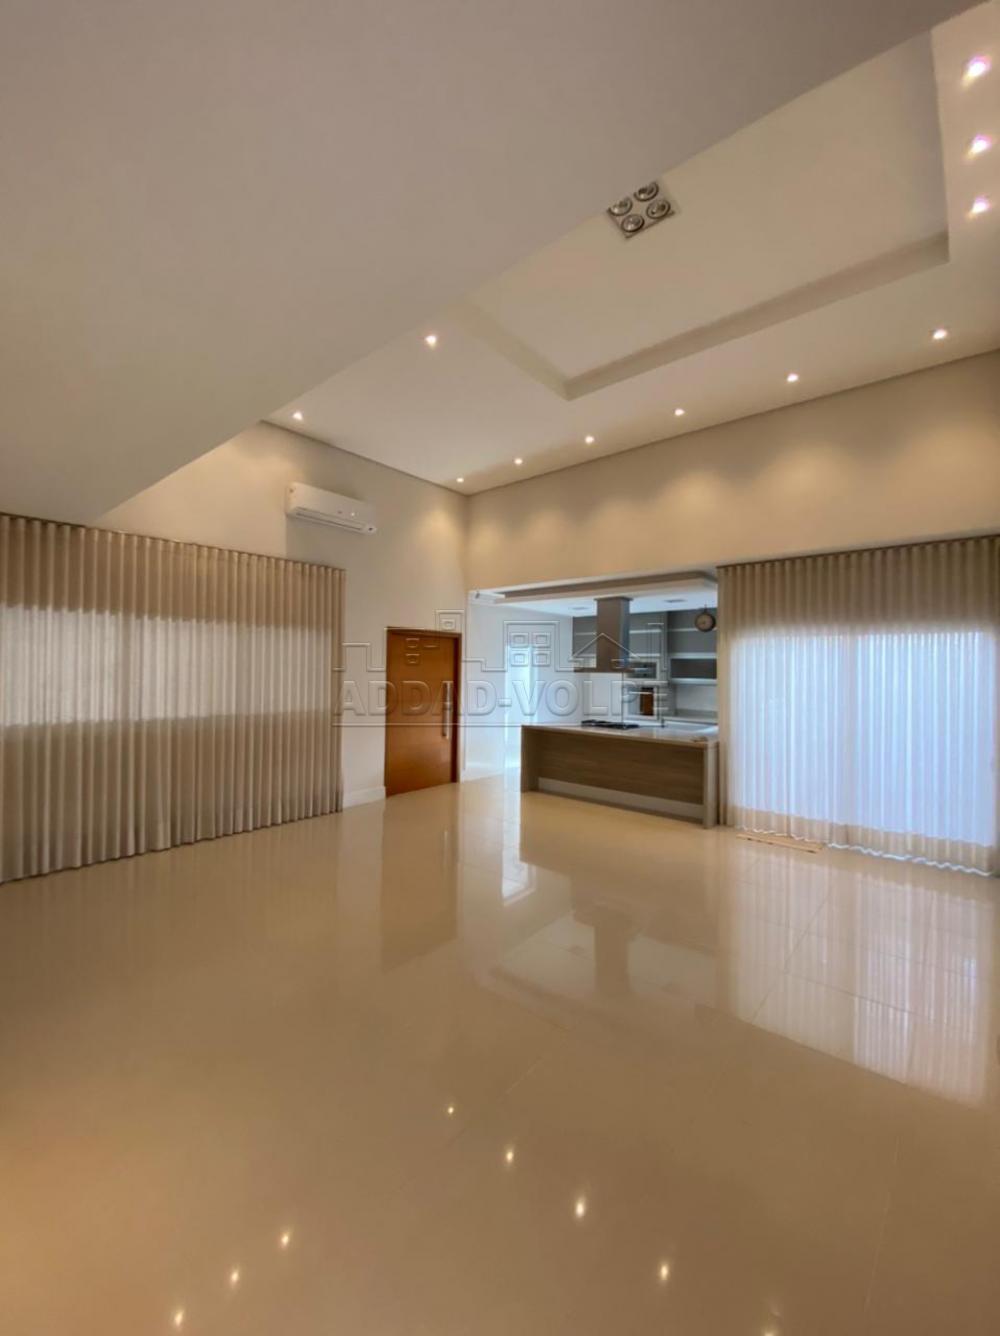 Alugar Casa / Padrão em Bauru R$ 3.500,00 - Foto 4